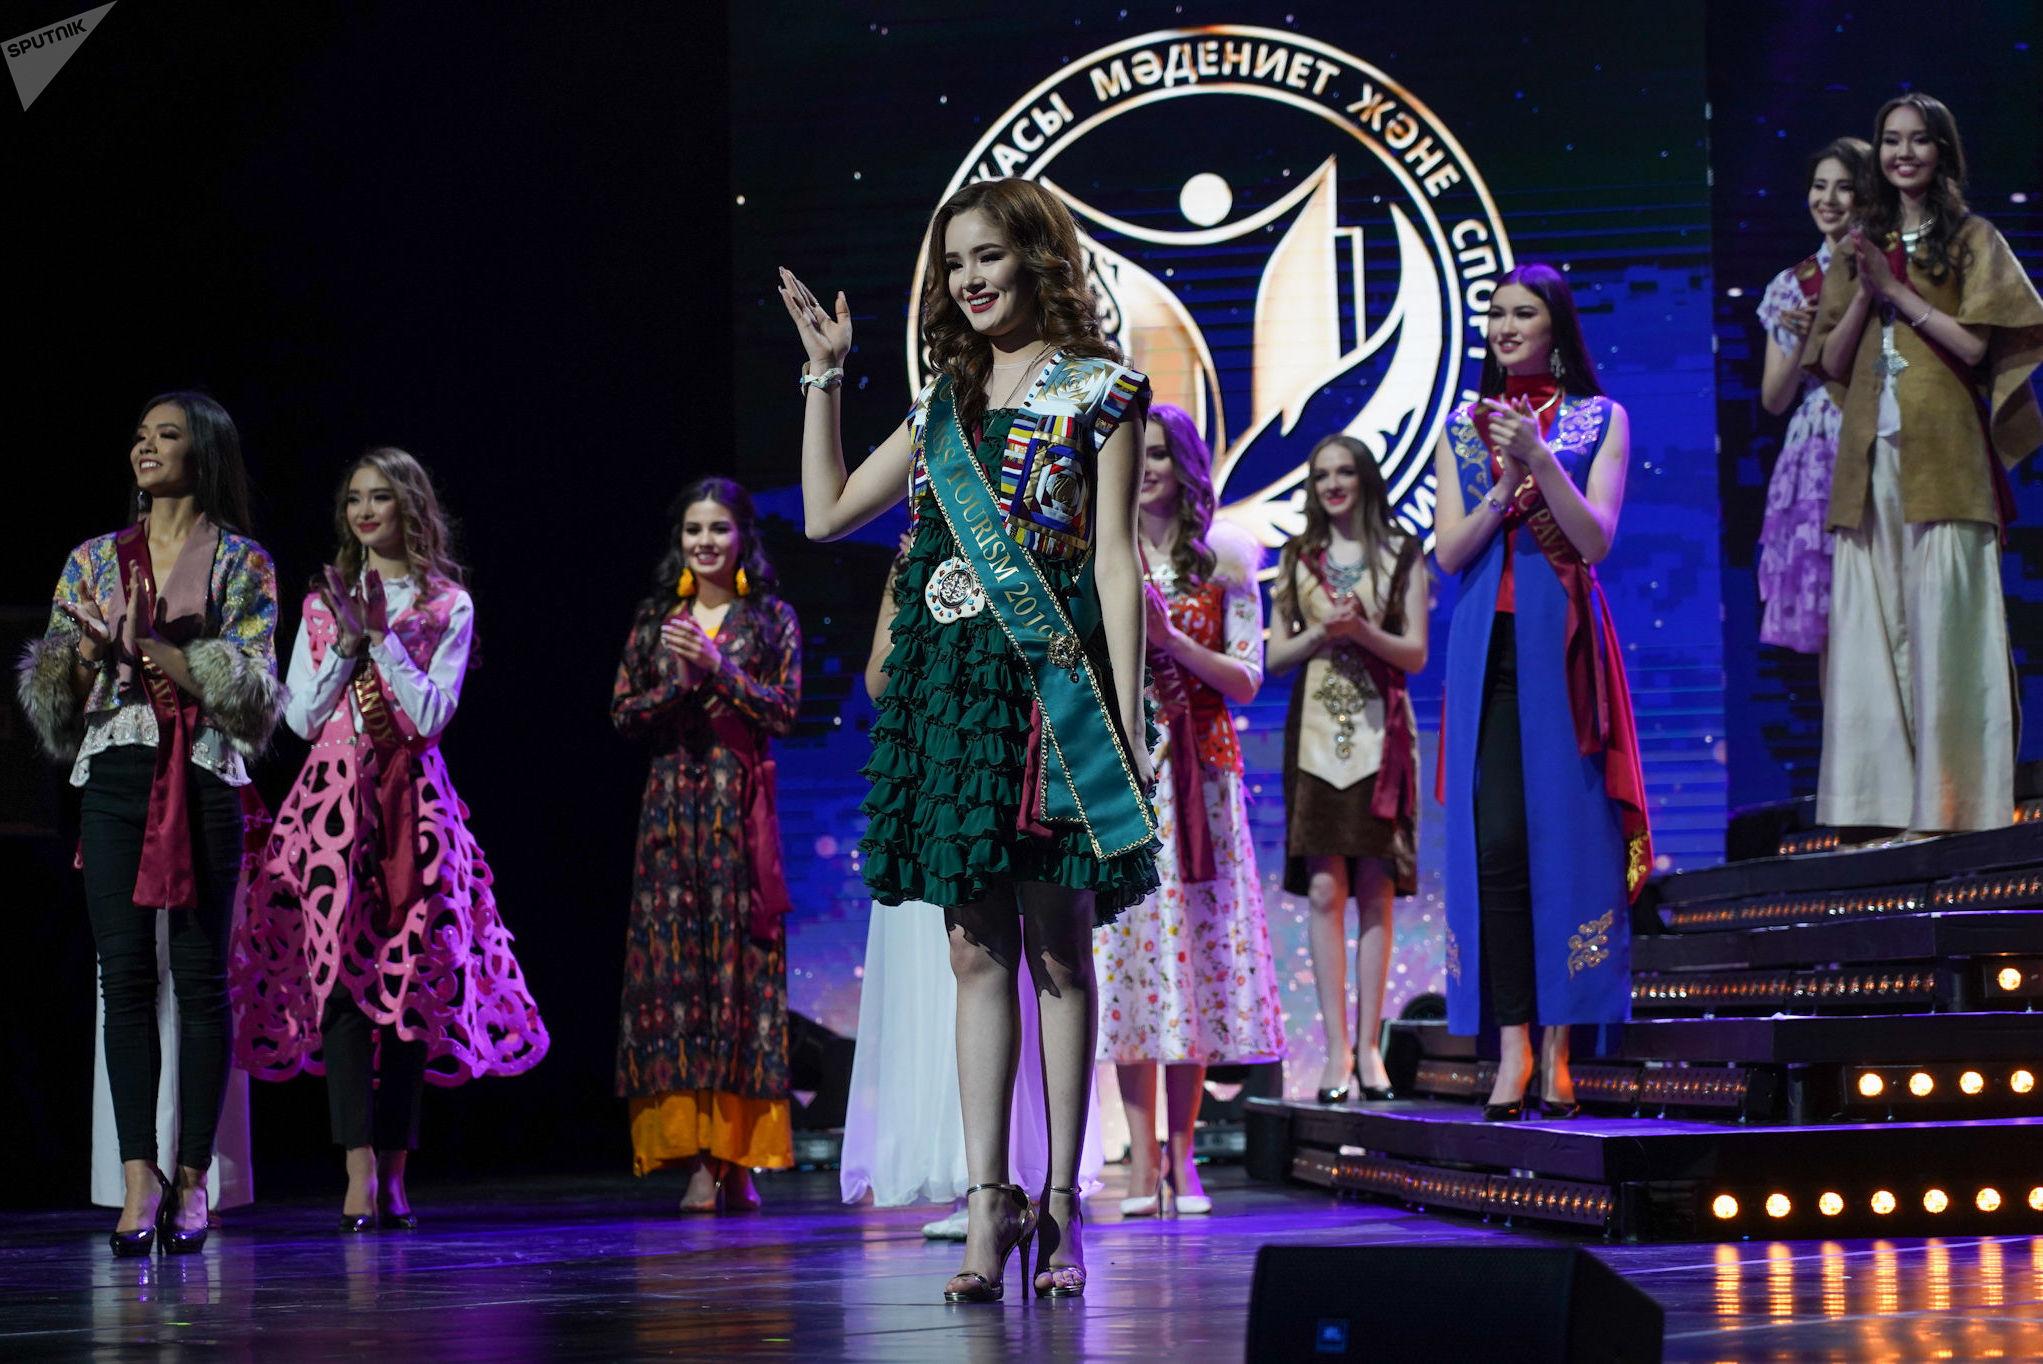 Финалистки конкурса Мисс Казахстан. Победительница в номинации Мисс туризм Балжанат Анас